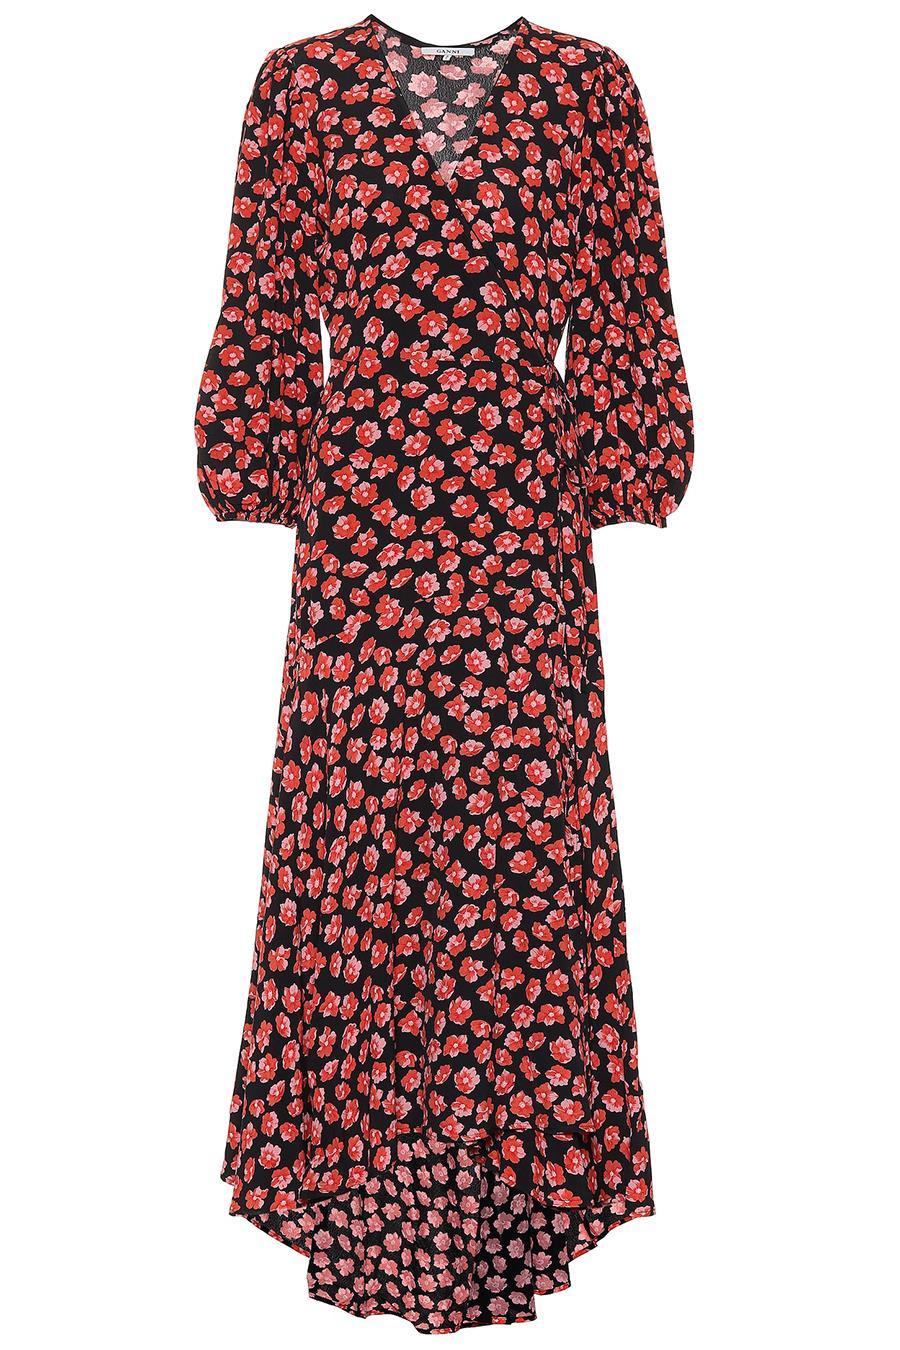 5671e6afaef Vestido cruzado con micro estampado floral